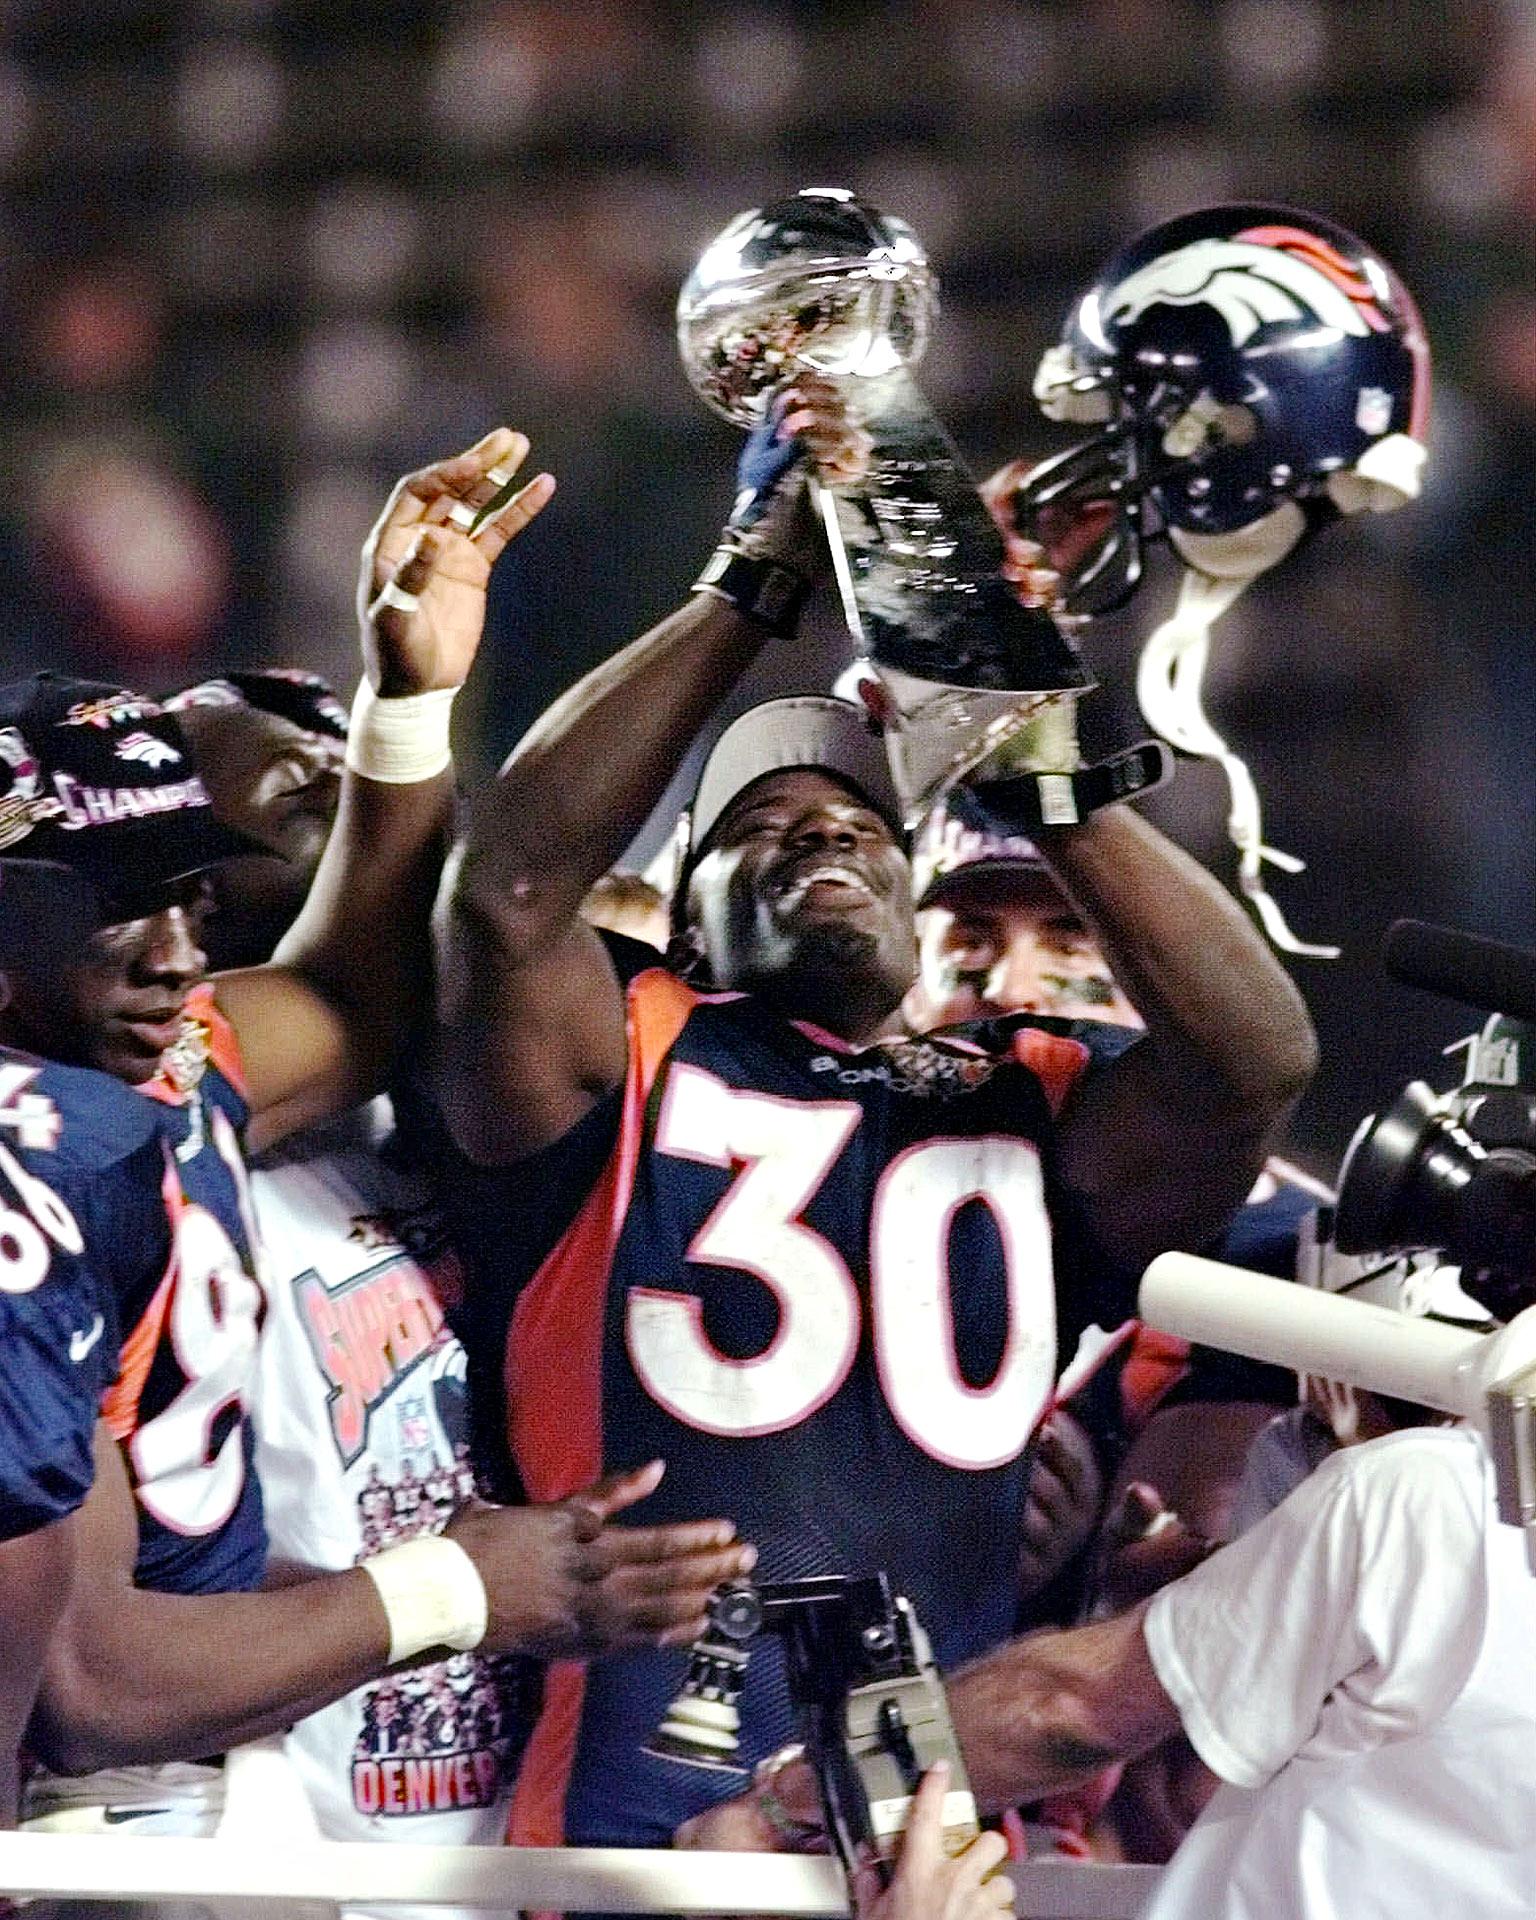 buy online e17e7 4c768 9. Terrell Davis - The 48 Greatest Super Bowl Stars - ESPN